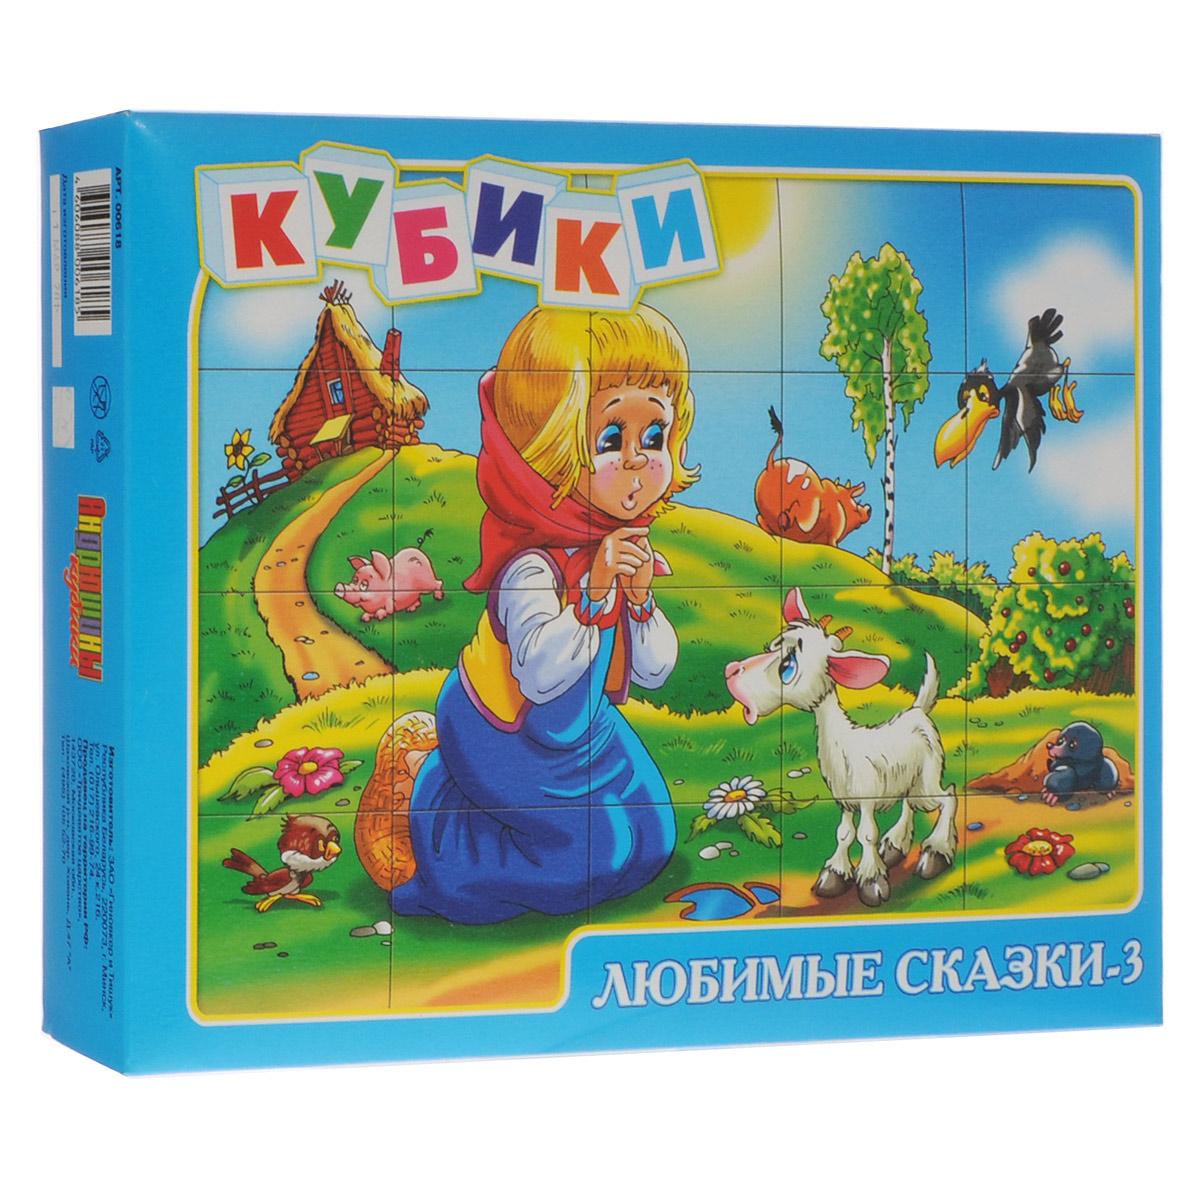 """Кубики Десятое королевство """"Любимые сказки-3"""", 20 шт"""